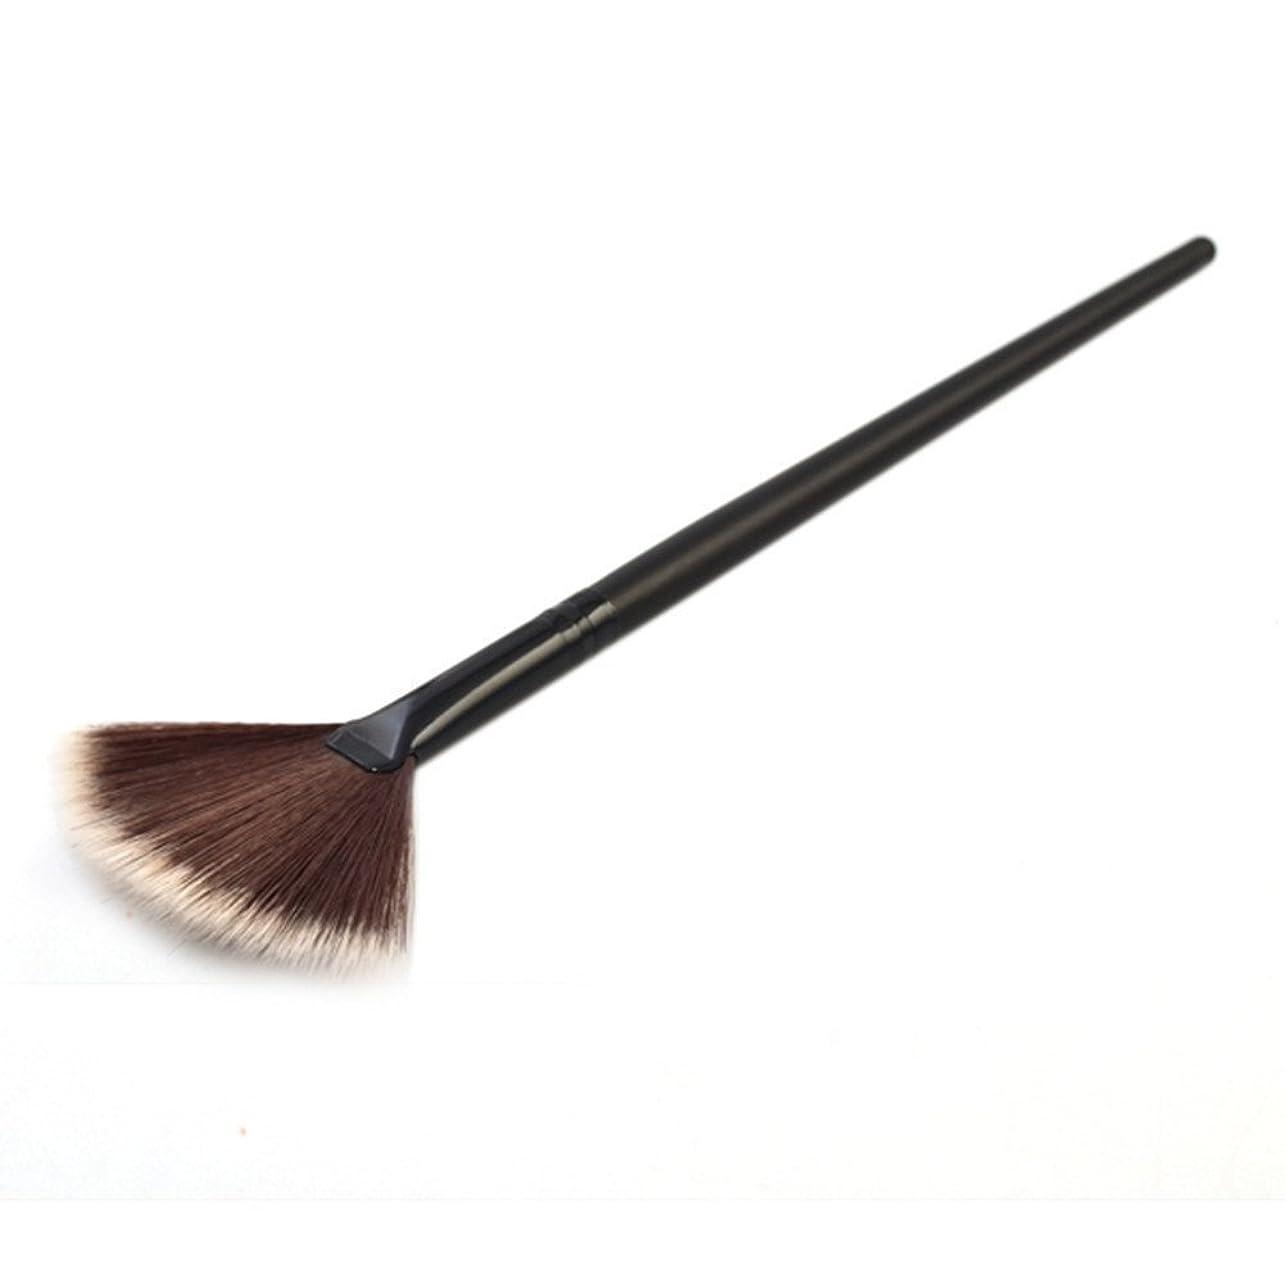 暴君努力交差点笑え熊 化粧筆 コスメブラシ 化粧ブラシ 多機能メイク 扇形 化粧ブラシ 馬毛をふんだんに使用 高級タクロン 乾きが速い